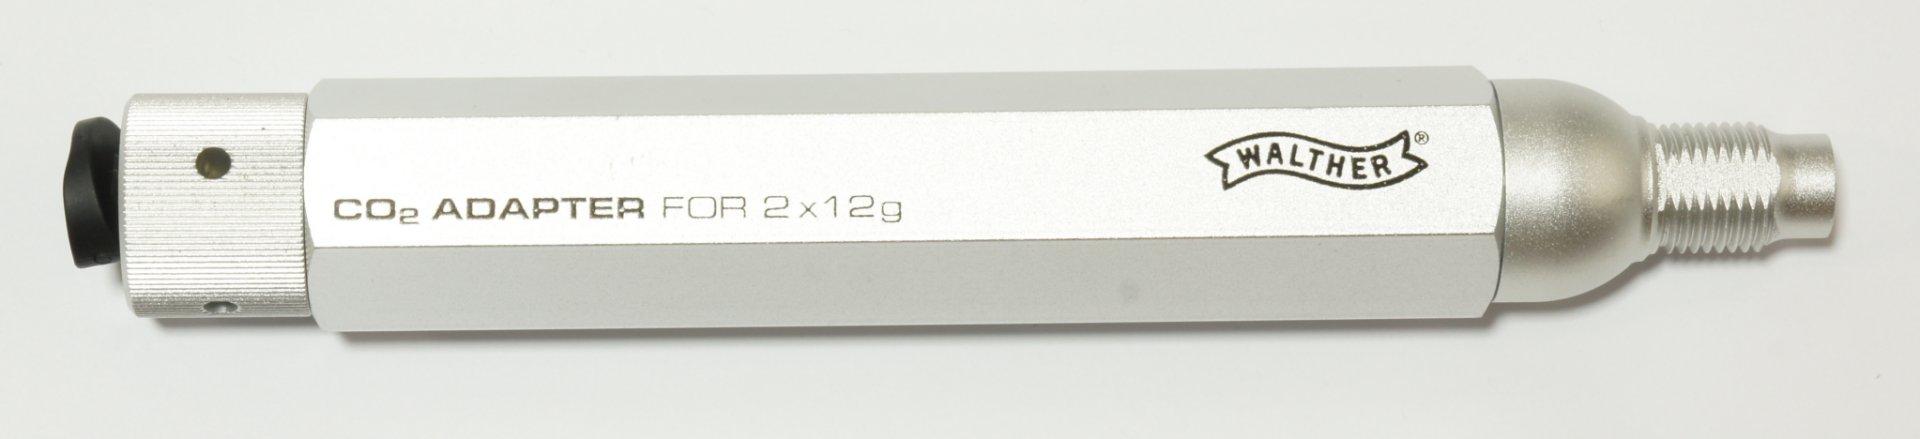 Als sehr interessante Alternative zeige ich Ihnen hier einen  <a href=1055304.htm> Adapter für 2 CO2 Kapseln a 12g </a> anstelle von einer 88g Kapsel. Der Adapter verfügt über ein Ventil und kann aus der Waffe wieder entnommen werden, ohne das Gas entweicht. Dieses Zubehörteil passt z.B. für Walther LeverAction und für das 850 AirMagnum. Beim Adapter gehören 8 Stück der passenden CO2 Kapseln gleich zum Lieferumfang.